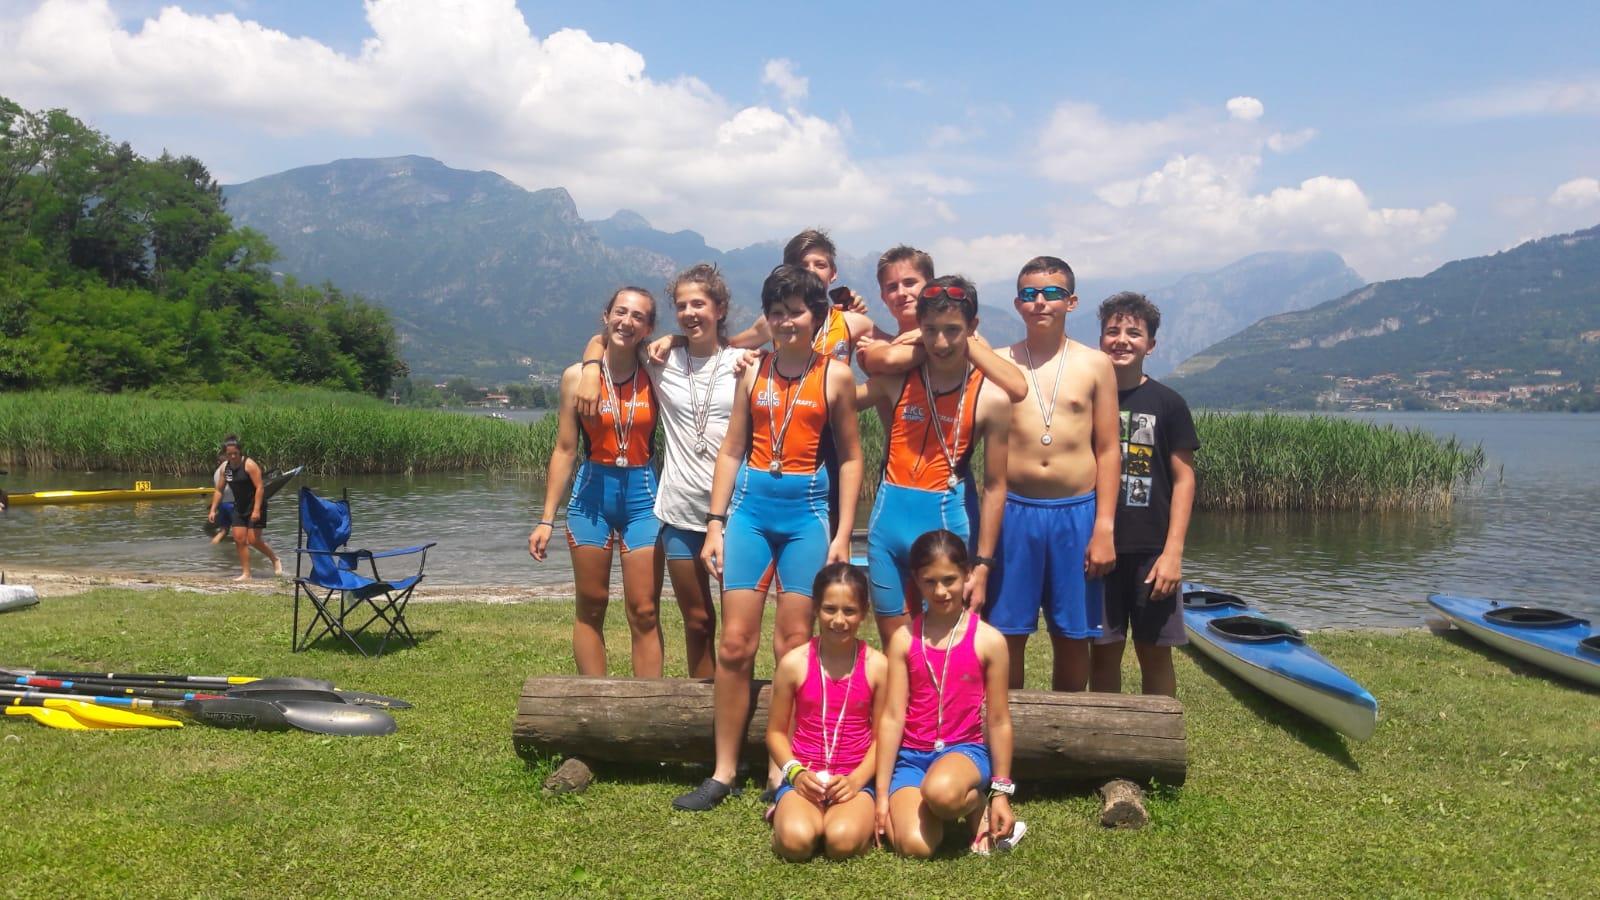 Gara regionale ragazzi & canoagiovani – Oggiono